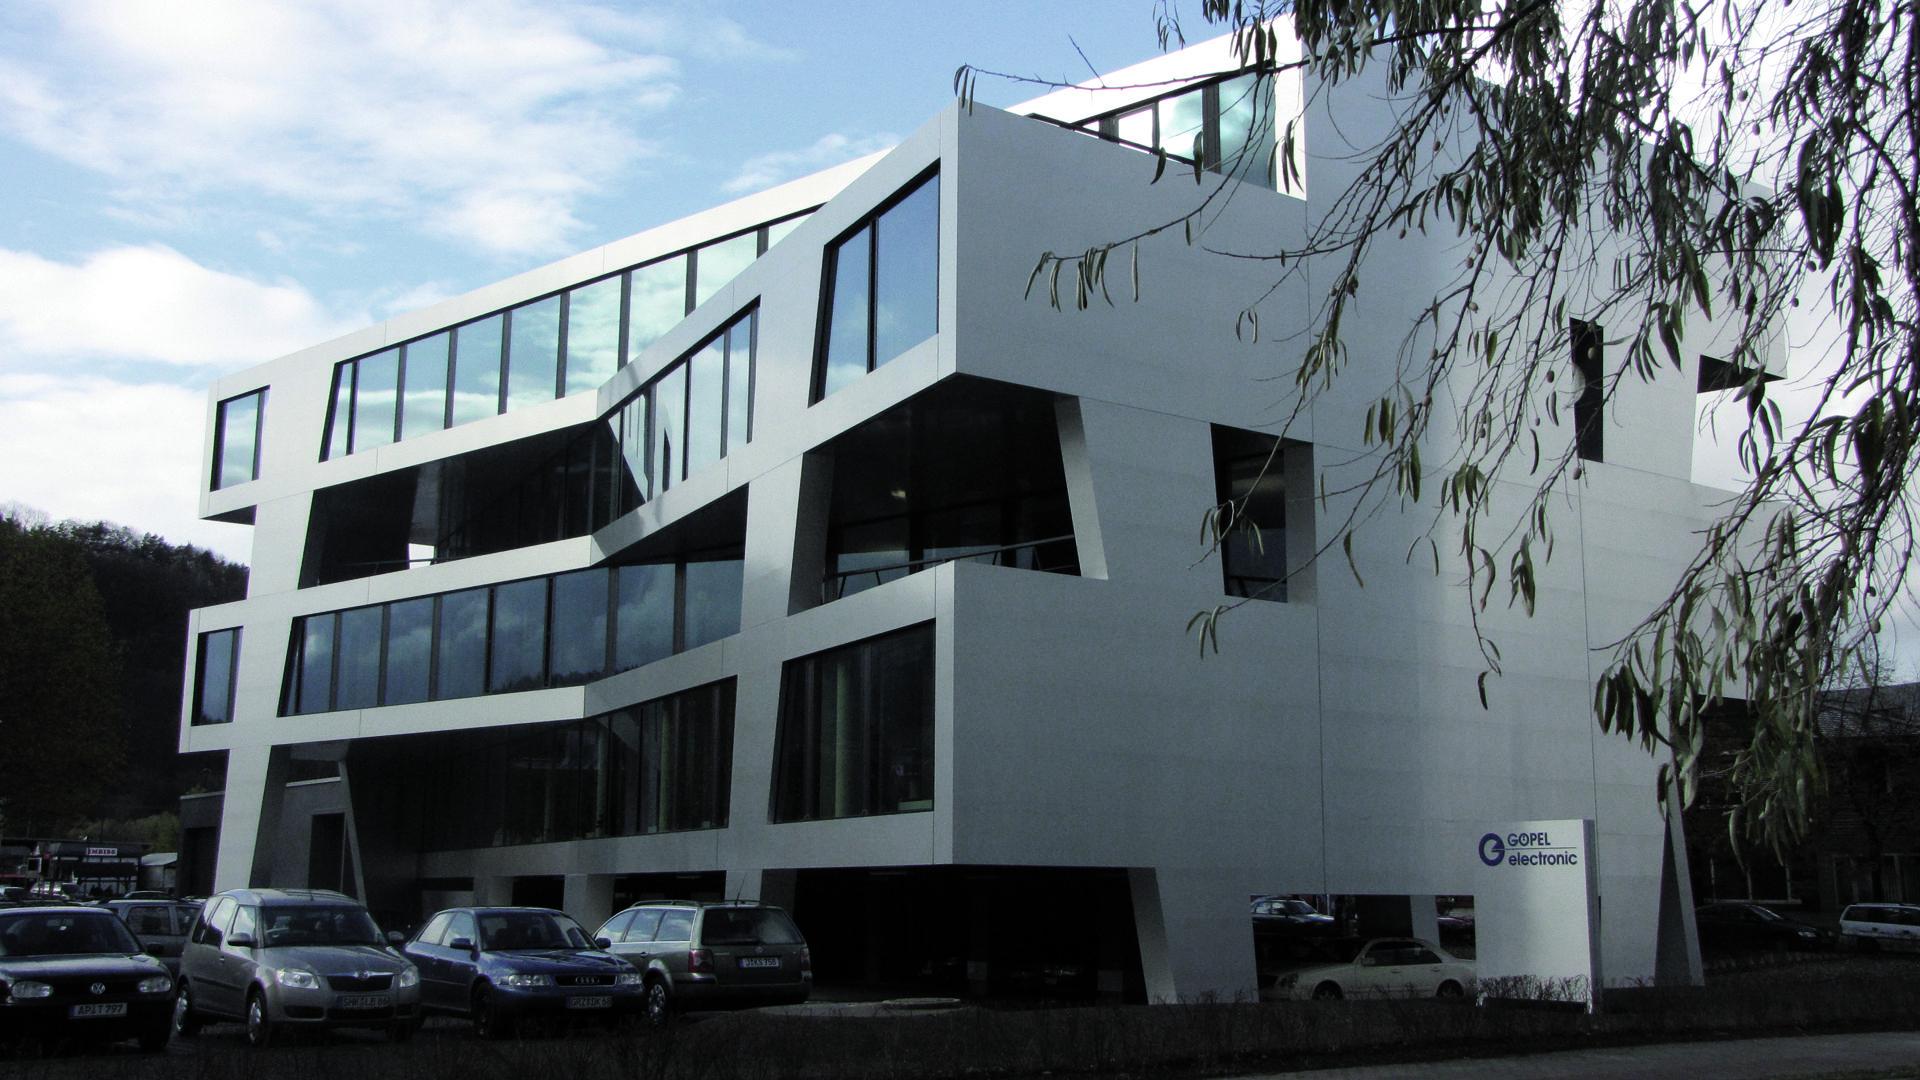 Architekten Jena göpel electronic jena germany by wurm wurm architekten